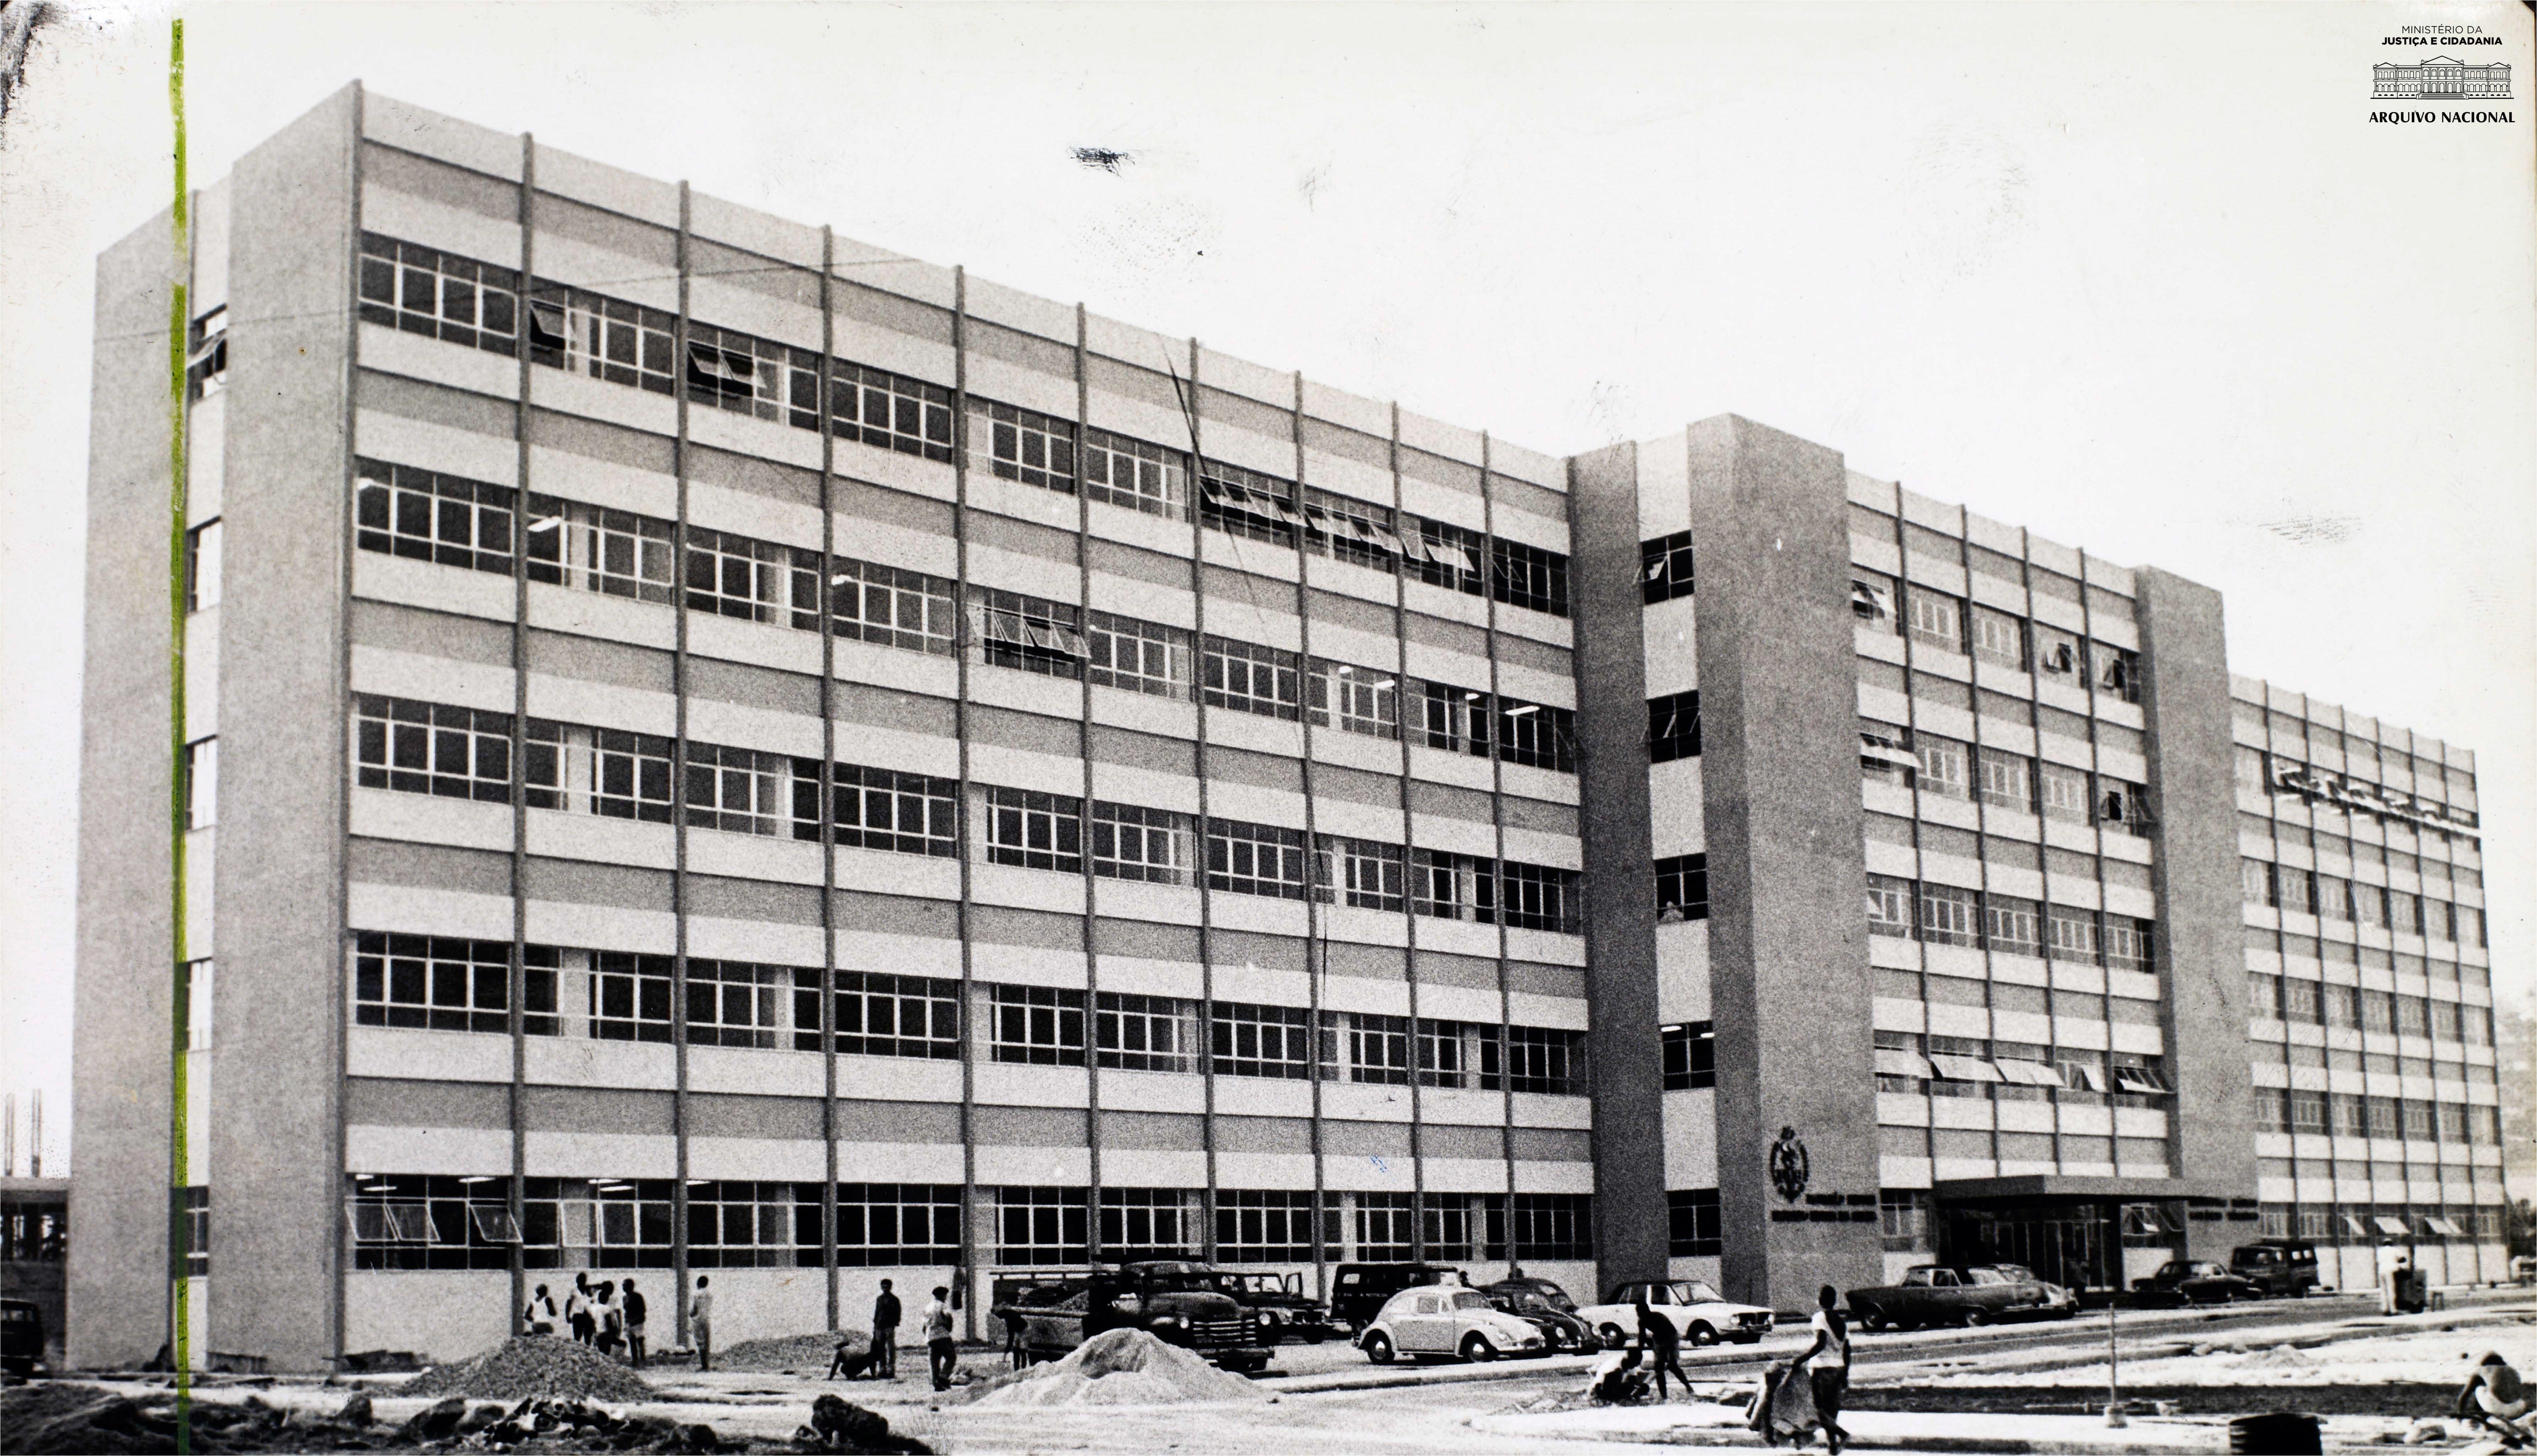 Universidade do Estado da Guanabara – UEG (atual Universidade do Estado do Rio de Janeiro – UERJ), 1970. Arquivo Nacional. Fundo Correio da Manhã. BR_RJANRIO_PH_0_FOT_01075_012.